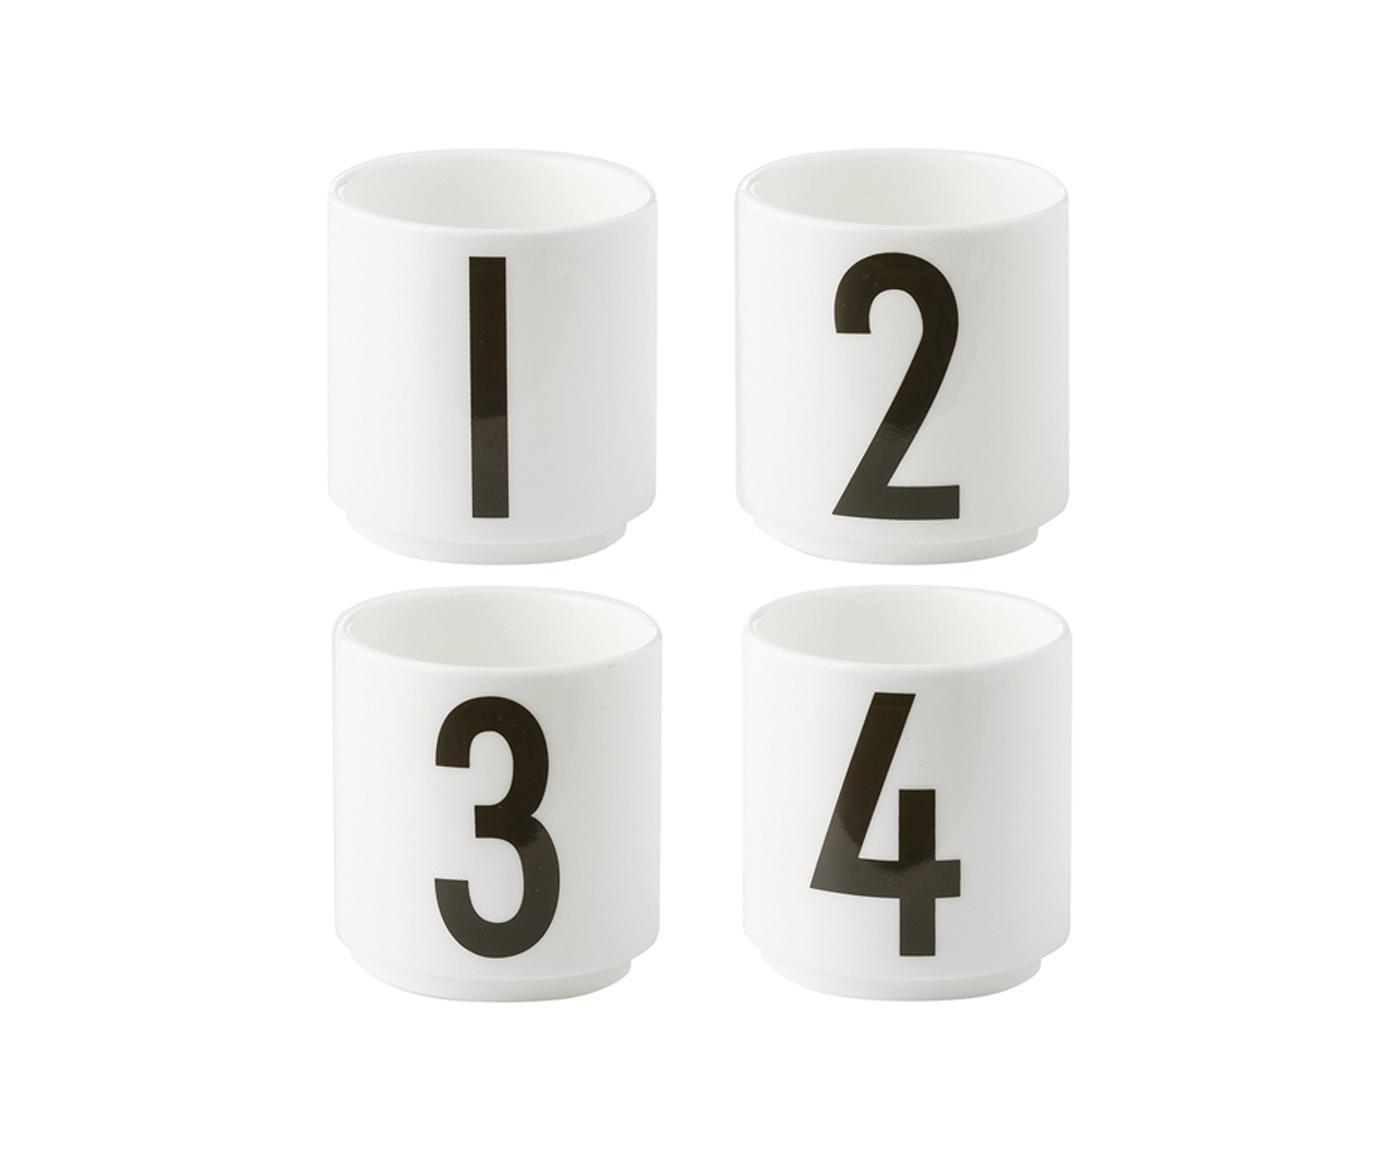 Espressobekerset 1234, 4 delig, Beenderporselein, Wit, zwart, Ø 5 x H 6 cm